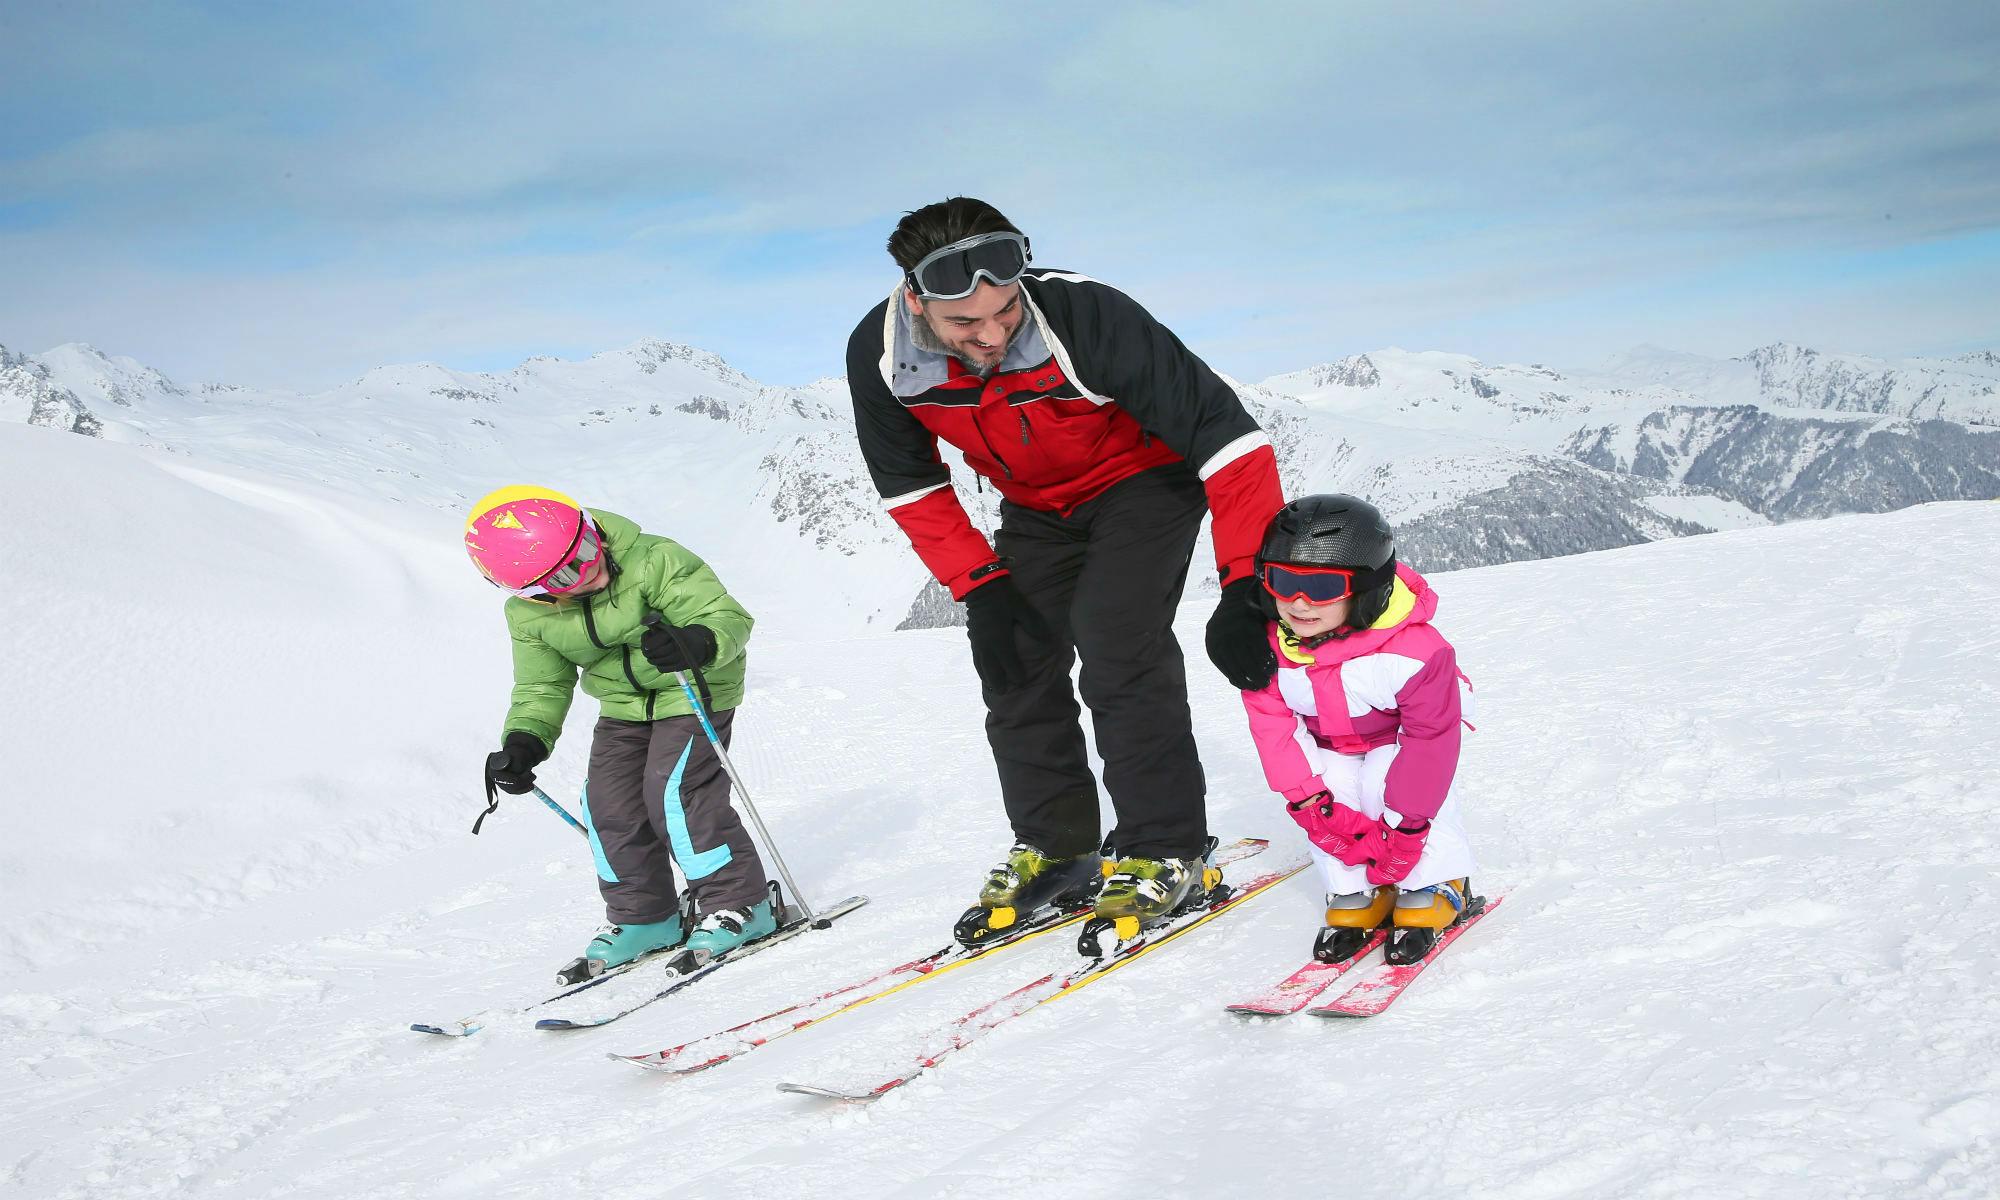 Un maestro di sci insegna a due bambini piccoli come effettuare le loro prime discese sulla neve.